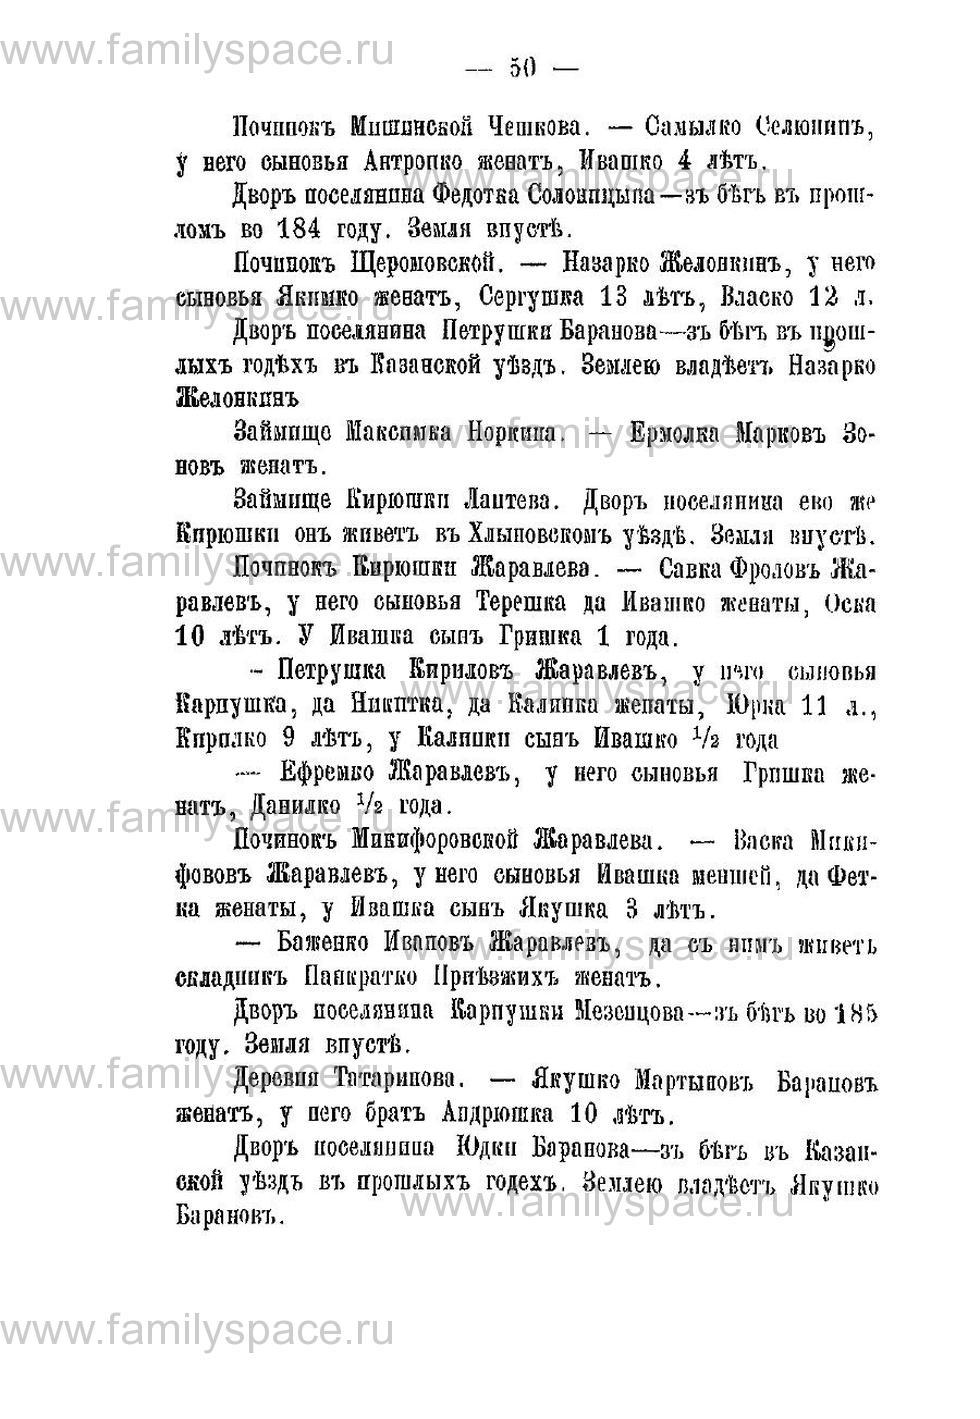 Поиск по фамилии - Переписная книга Орлова и волостей 1678 г, страница 46